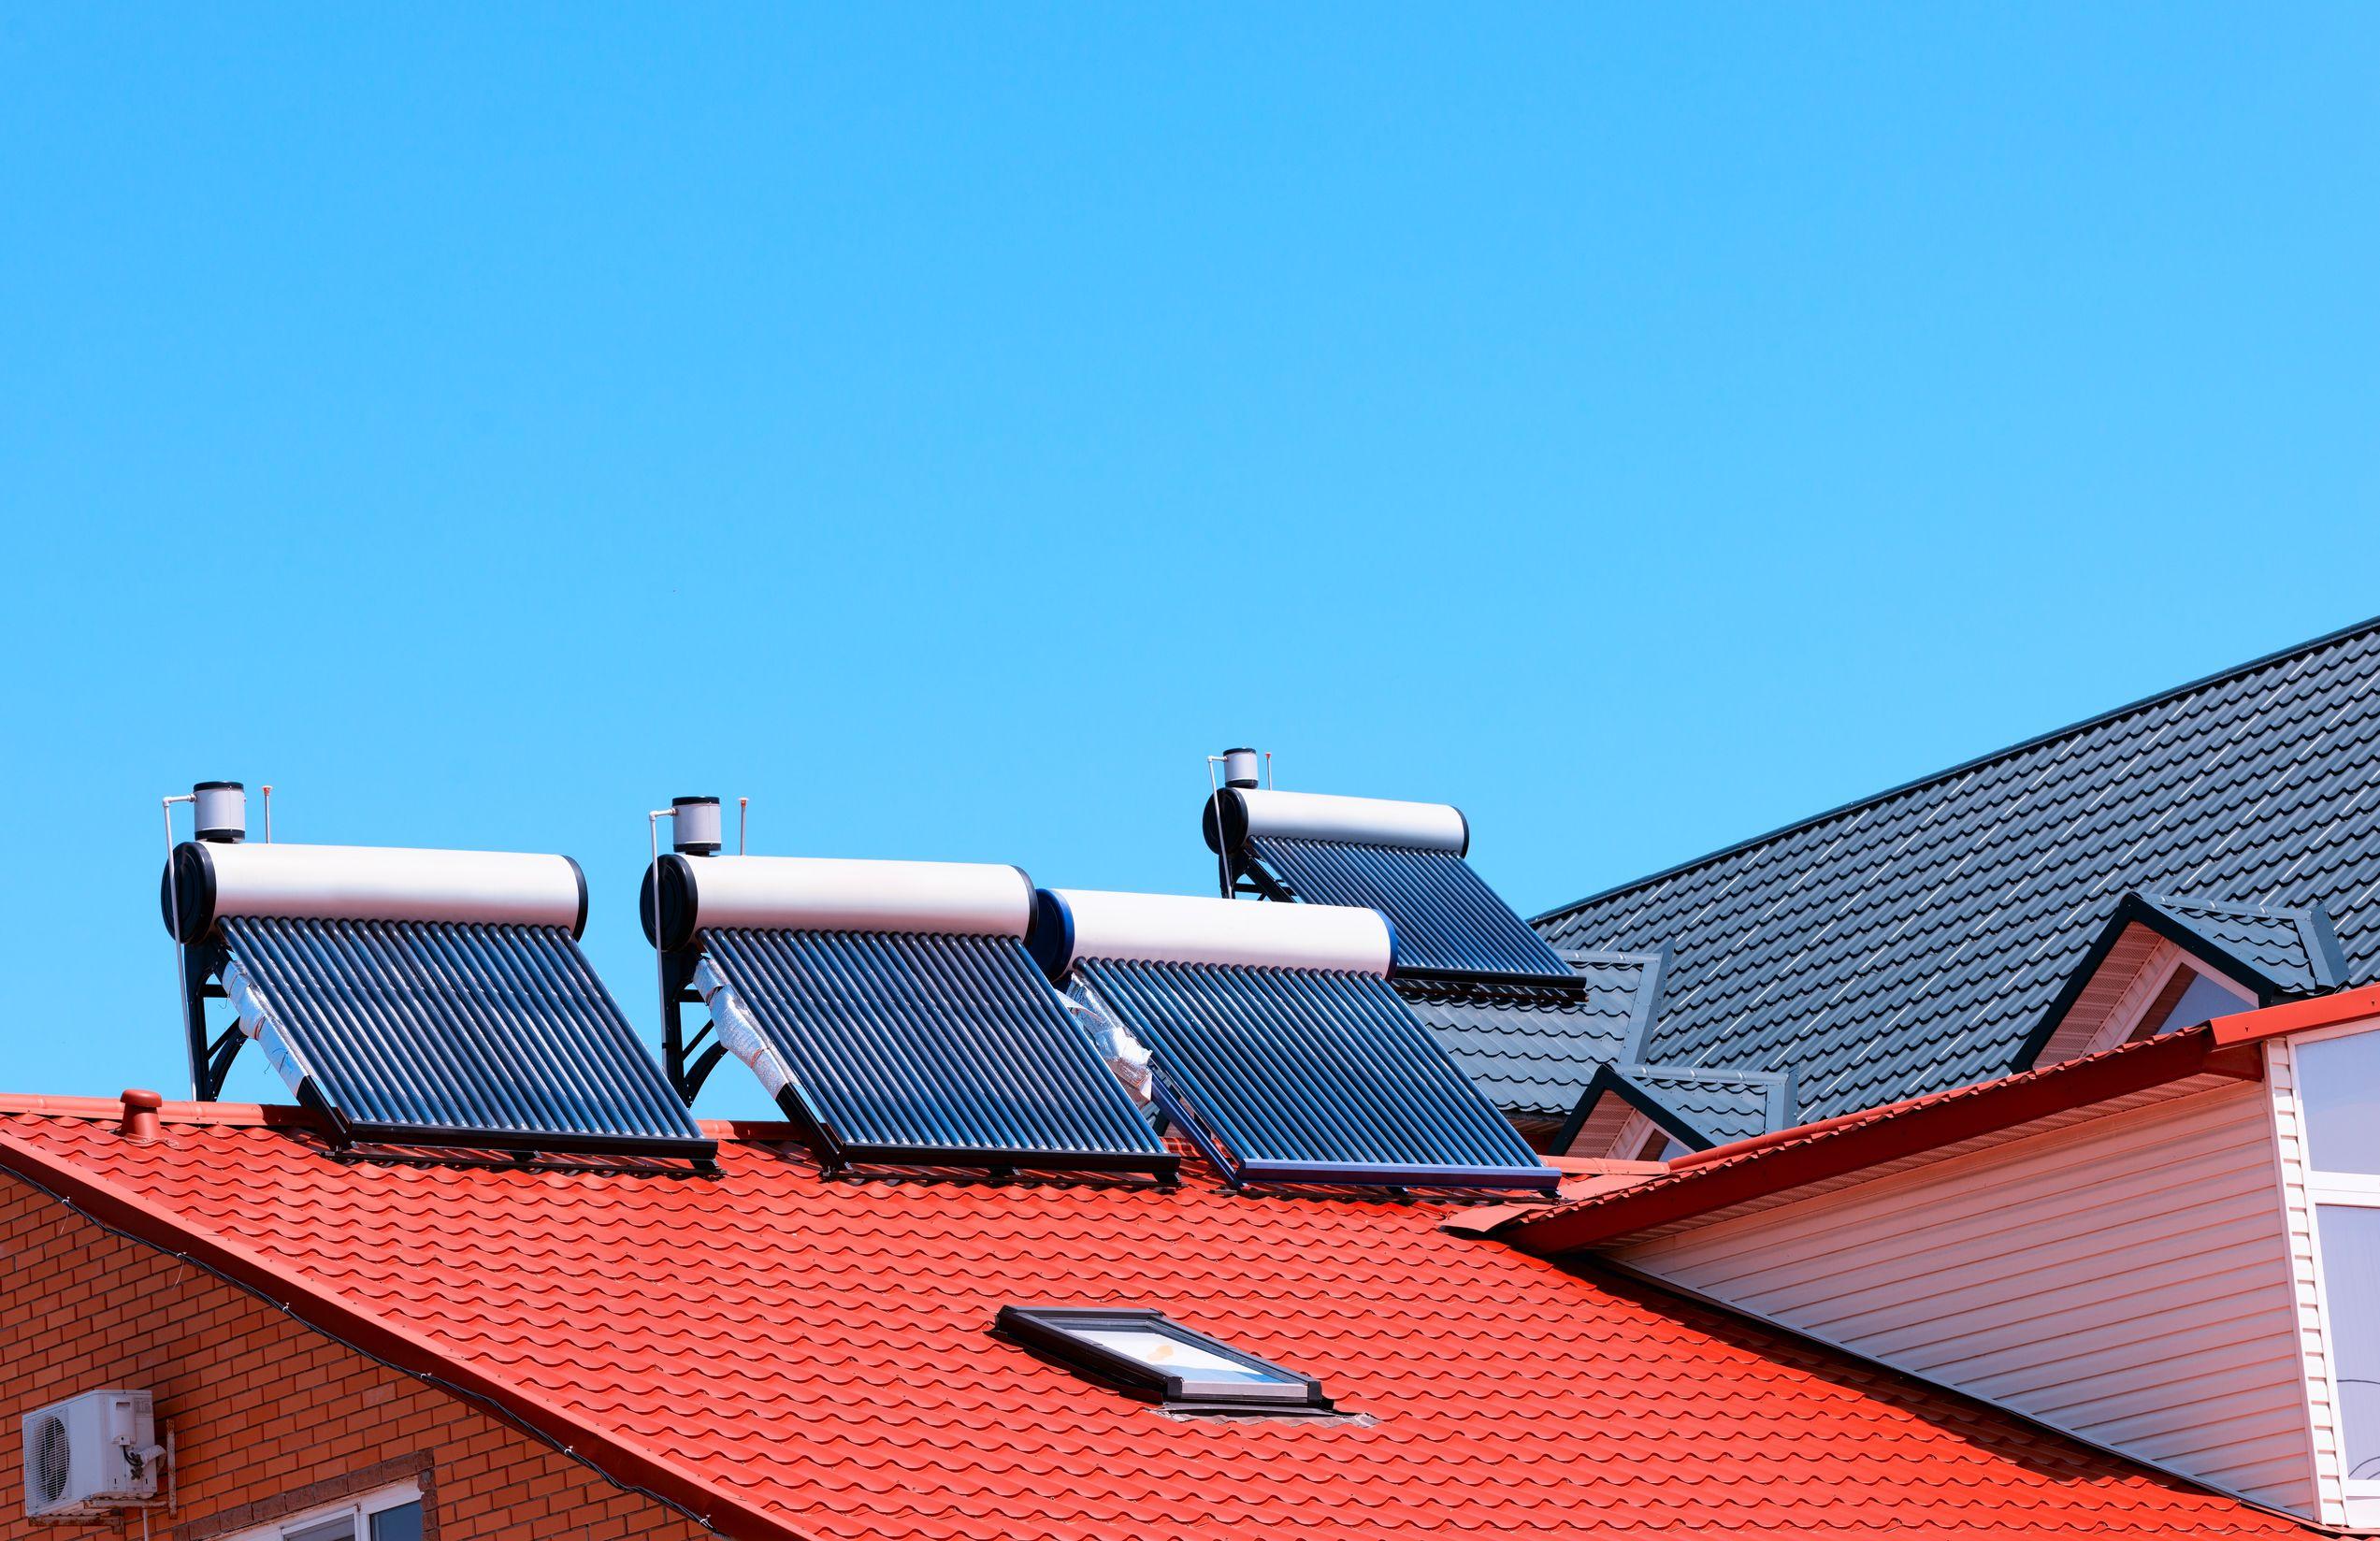 Calentadores Solares: ¿Cuál es la mejor del 2020?